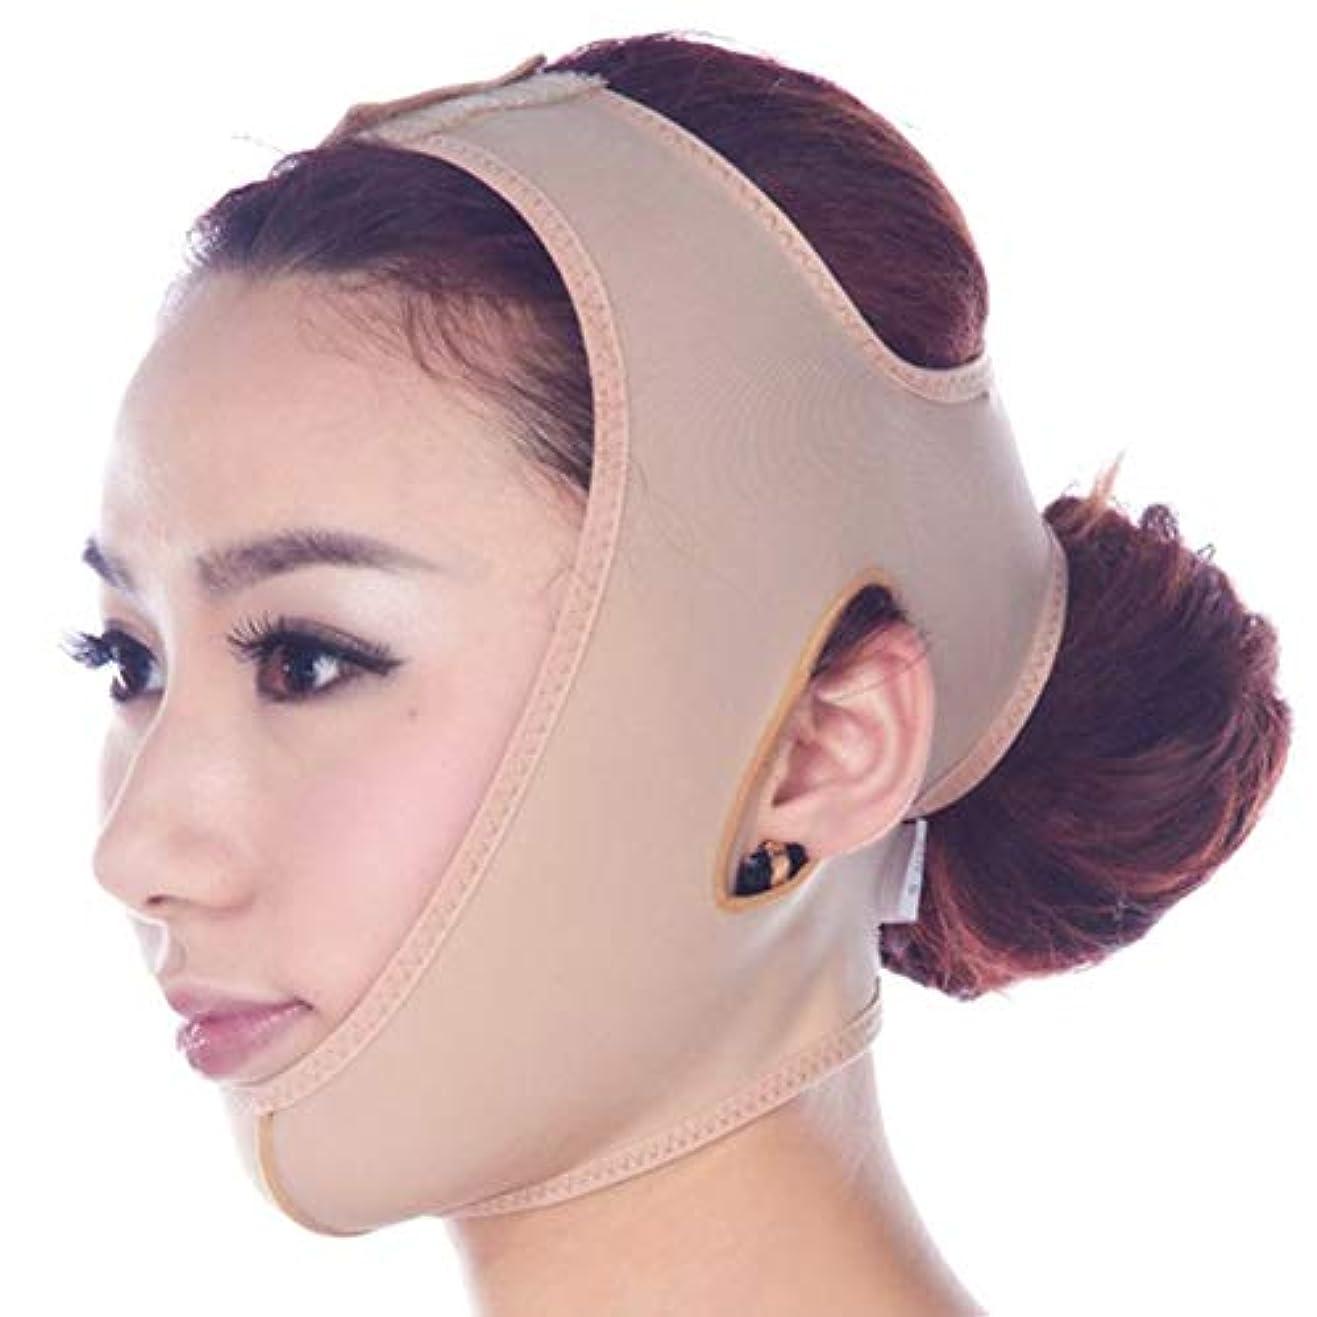 小数起業家フィードオンフェイスリフトアップベルトマスク痩身包帯スキンケアシェイパーは、二重顎Thiningバンドを減らします,S